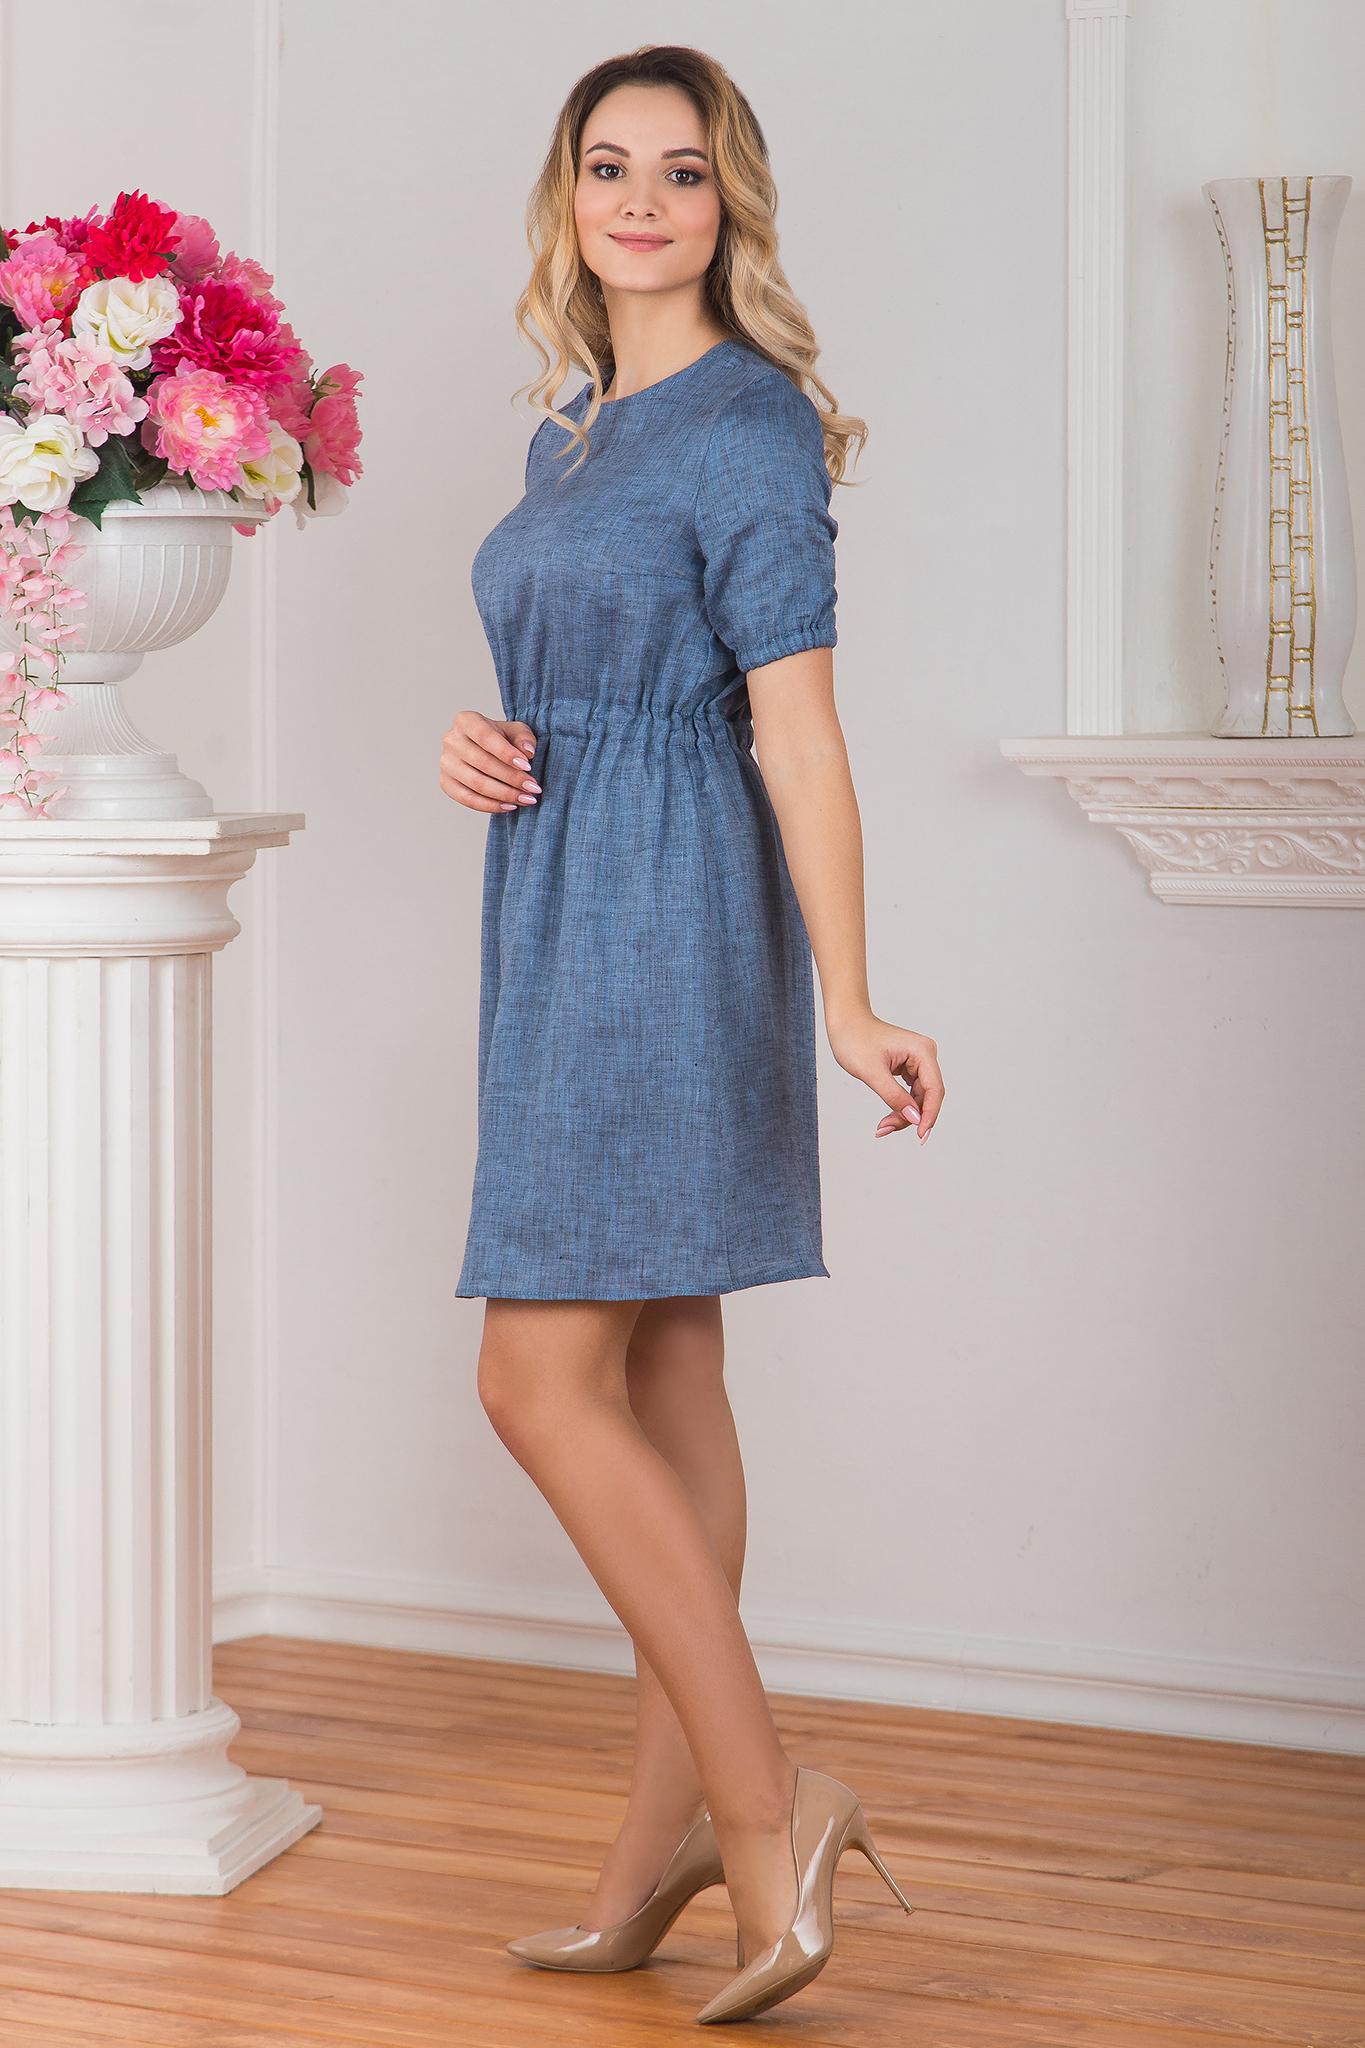 Вид сбоку Платье льняное Синий меланж